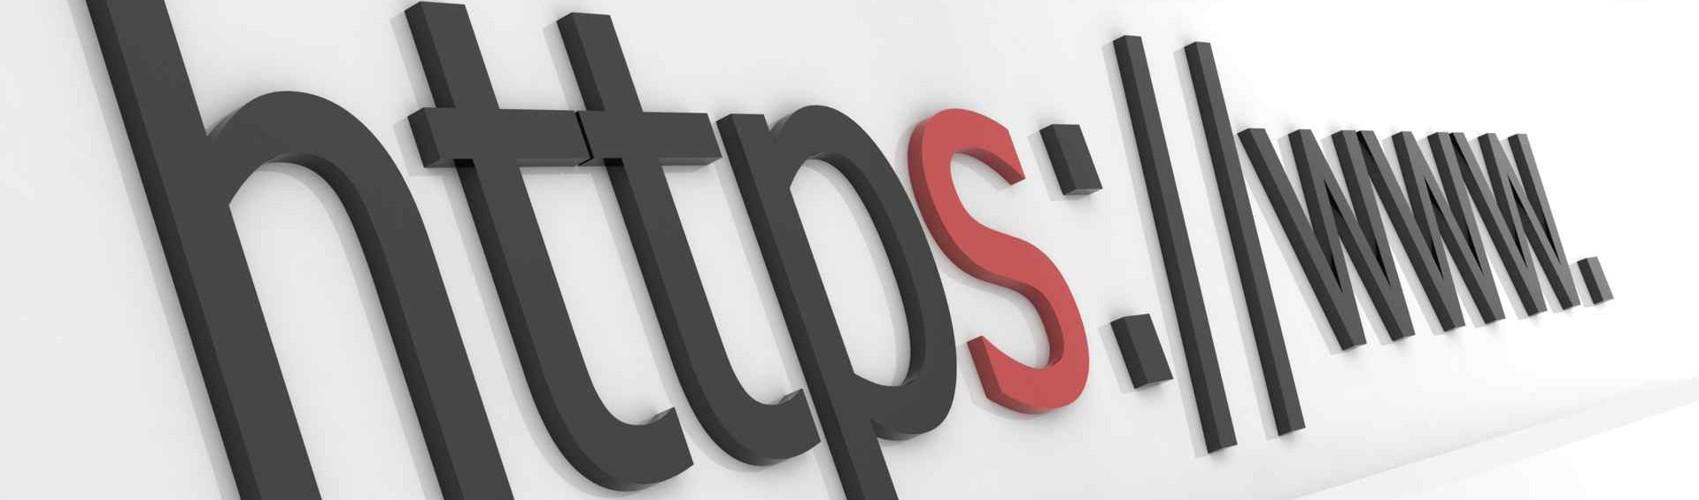 Ssl certificate providers in mumbai ssl certificate pace ssl certificate mumbai 1betcityfo Images